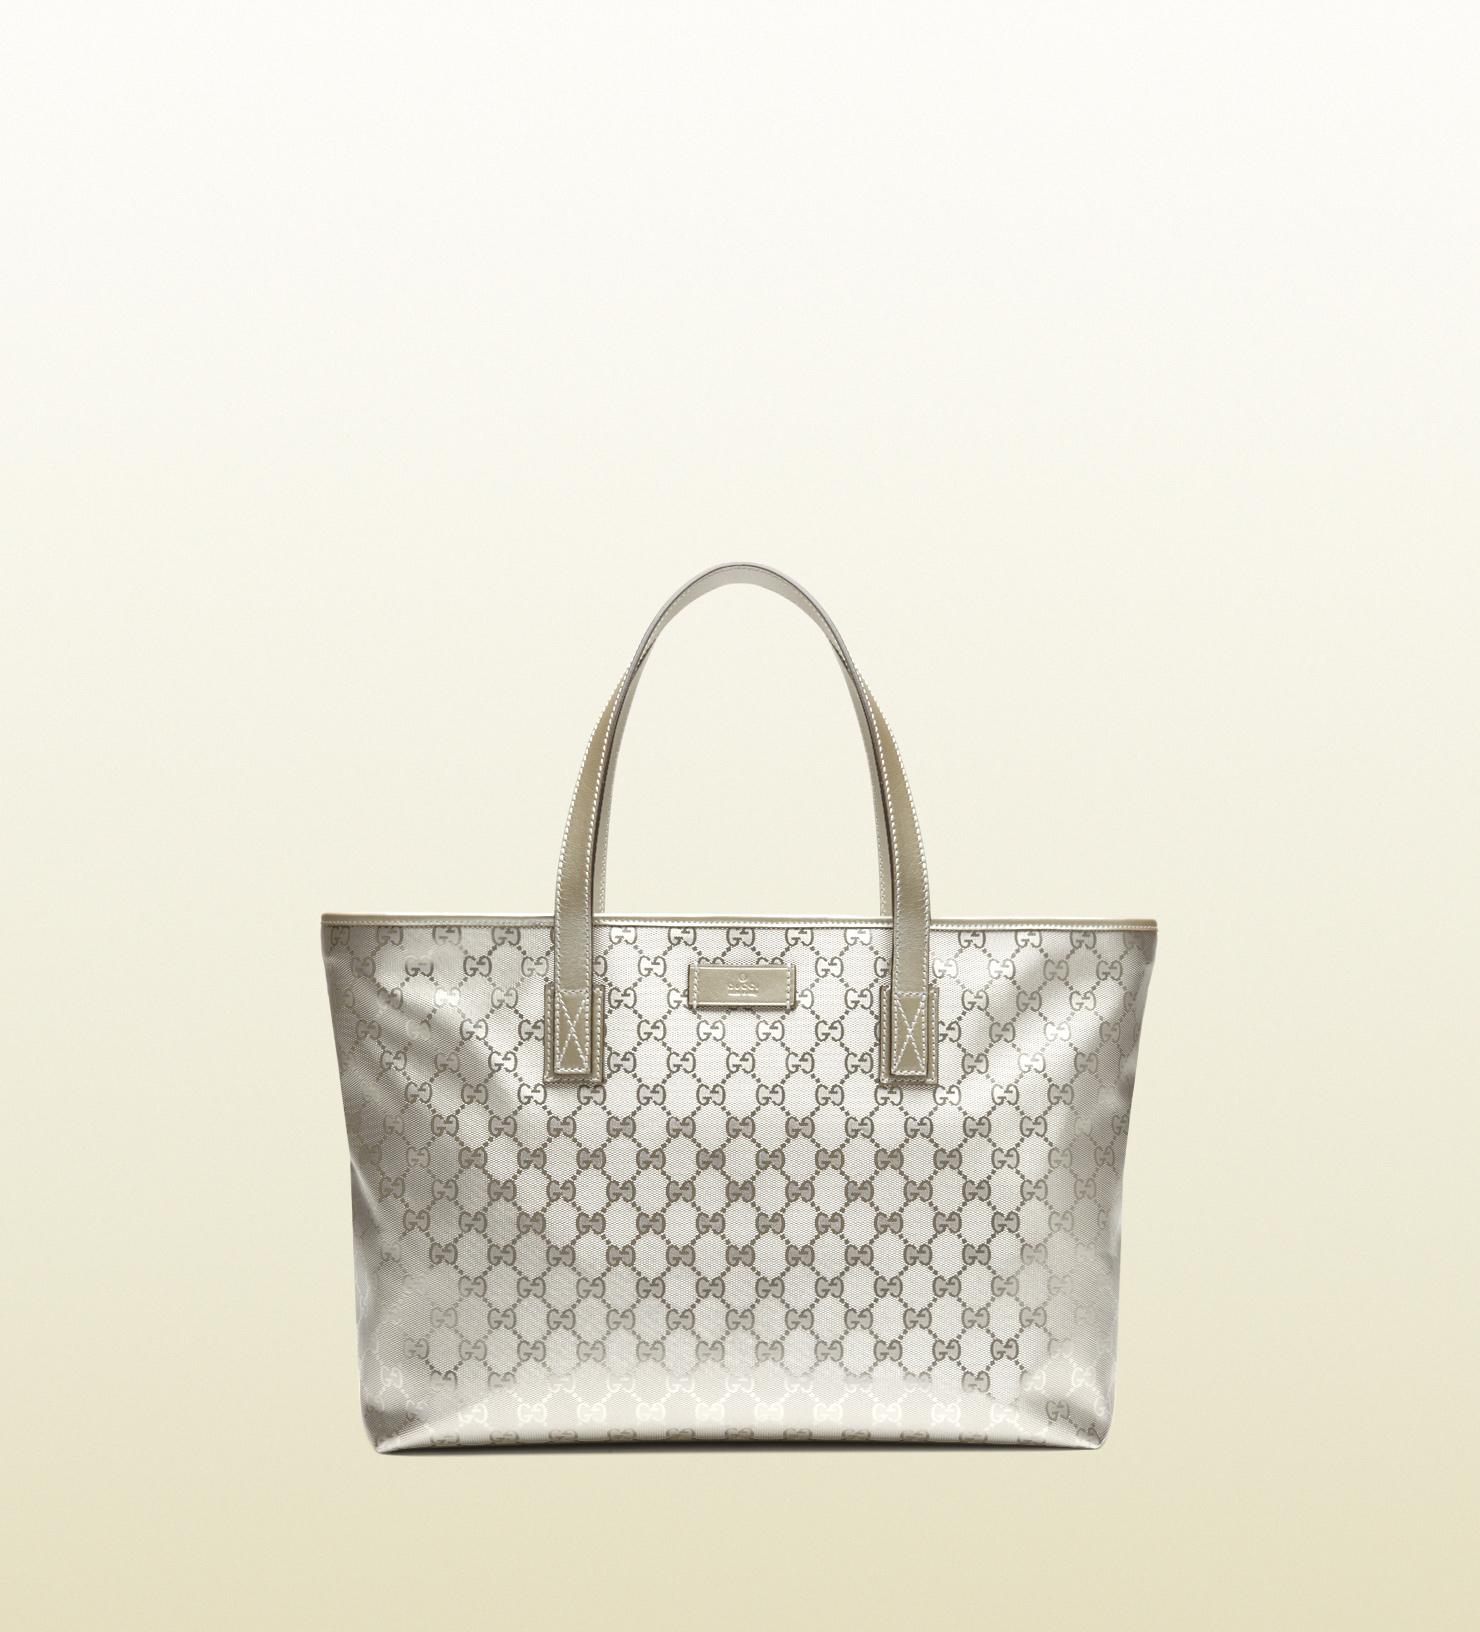 53c6174ff06 Gucci Silver Gg Imprime Tote in Metallic - Lyst